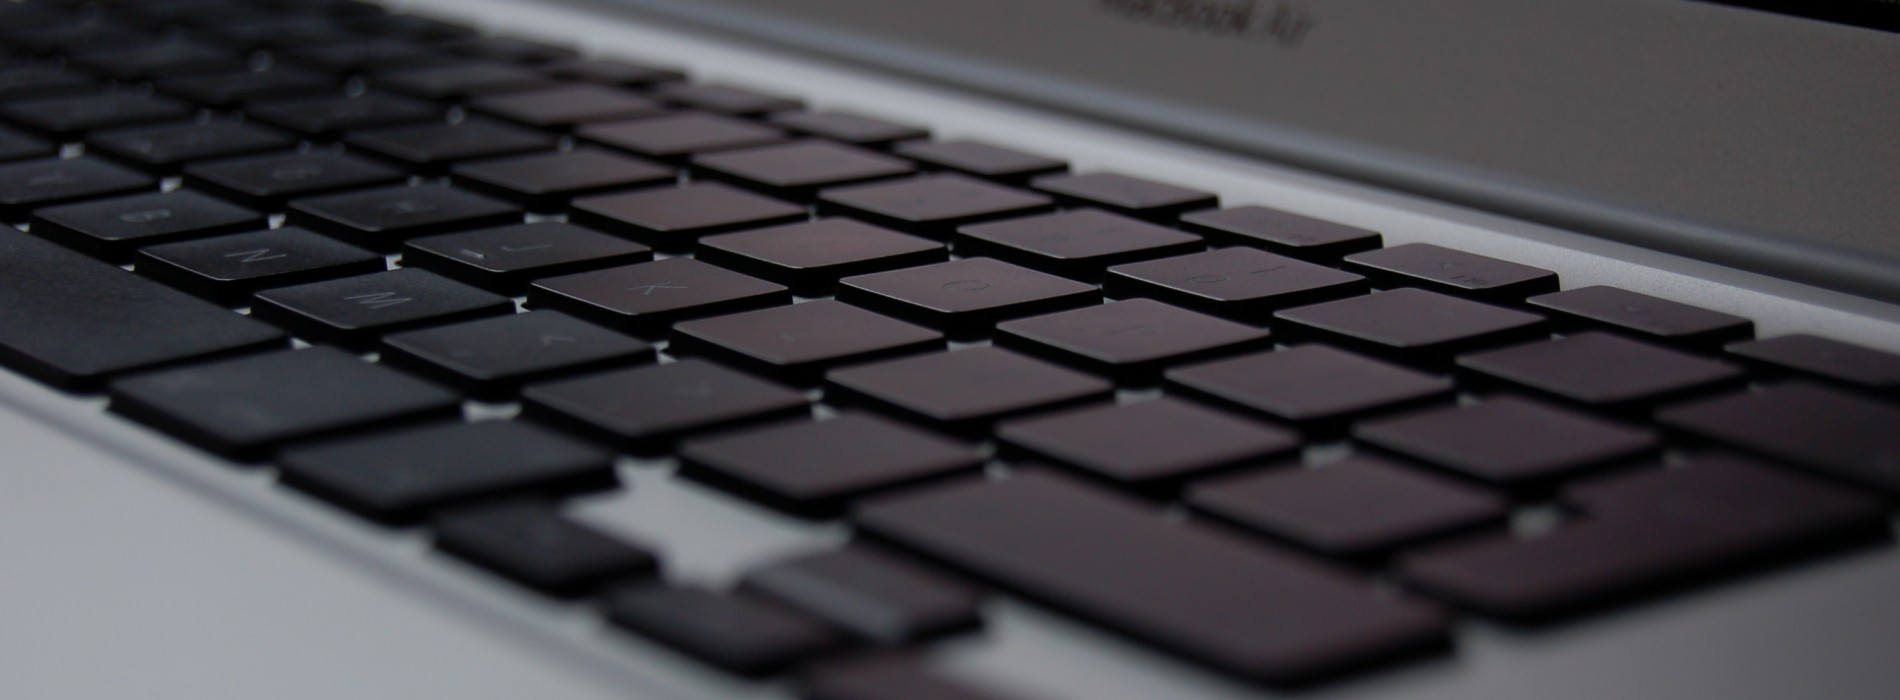 Program do fakturowania online – 3 fakty o tym rozwiązaniu